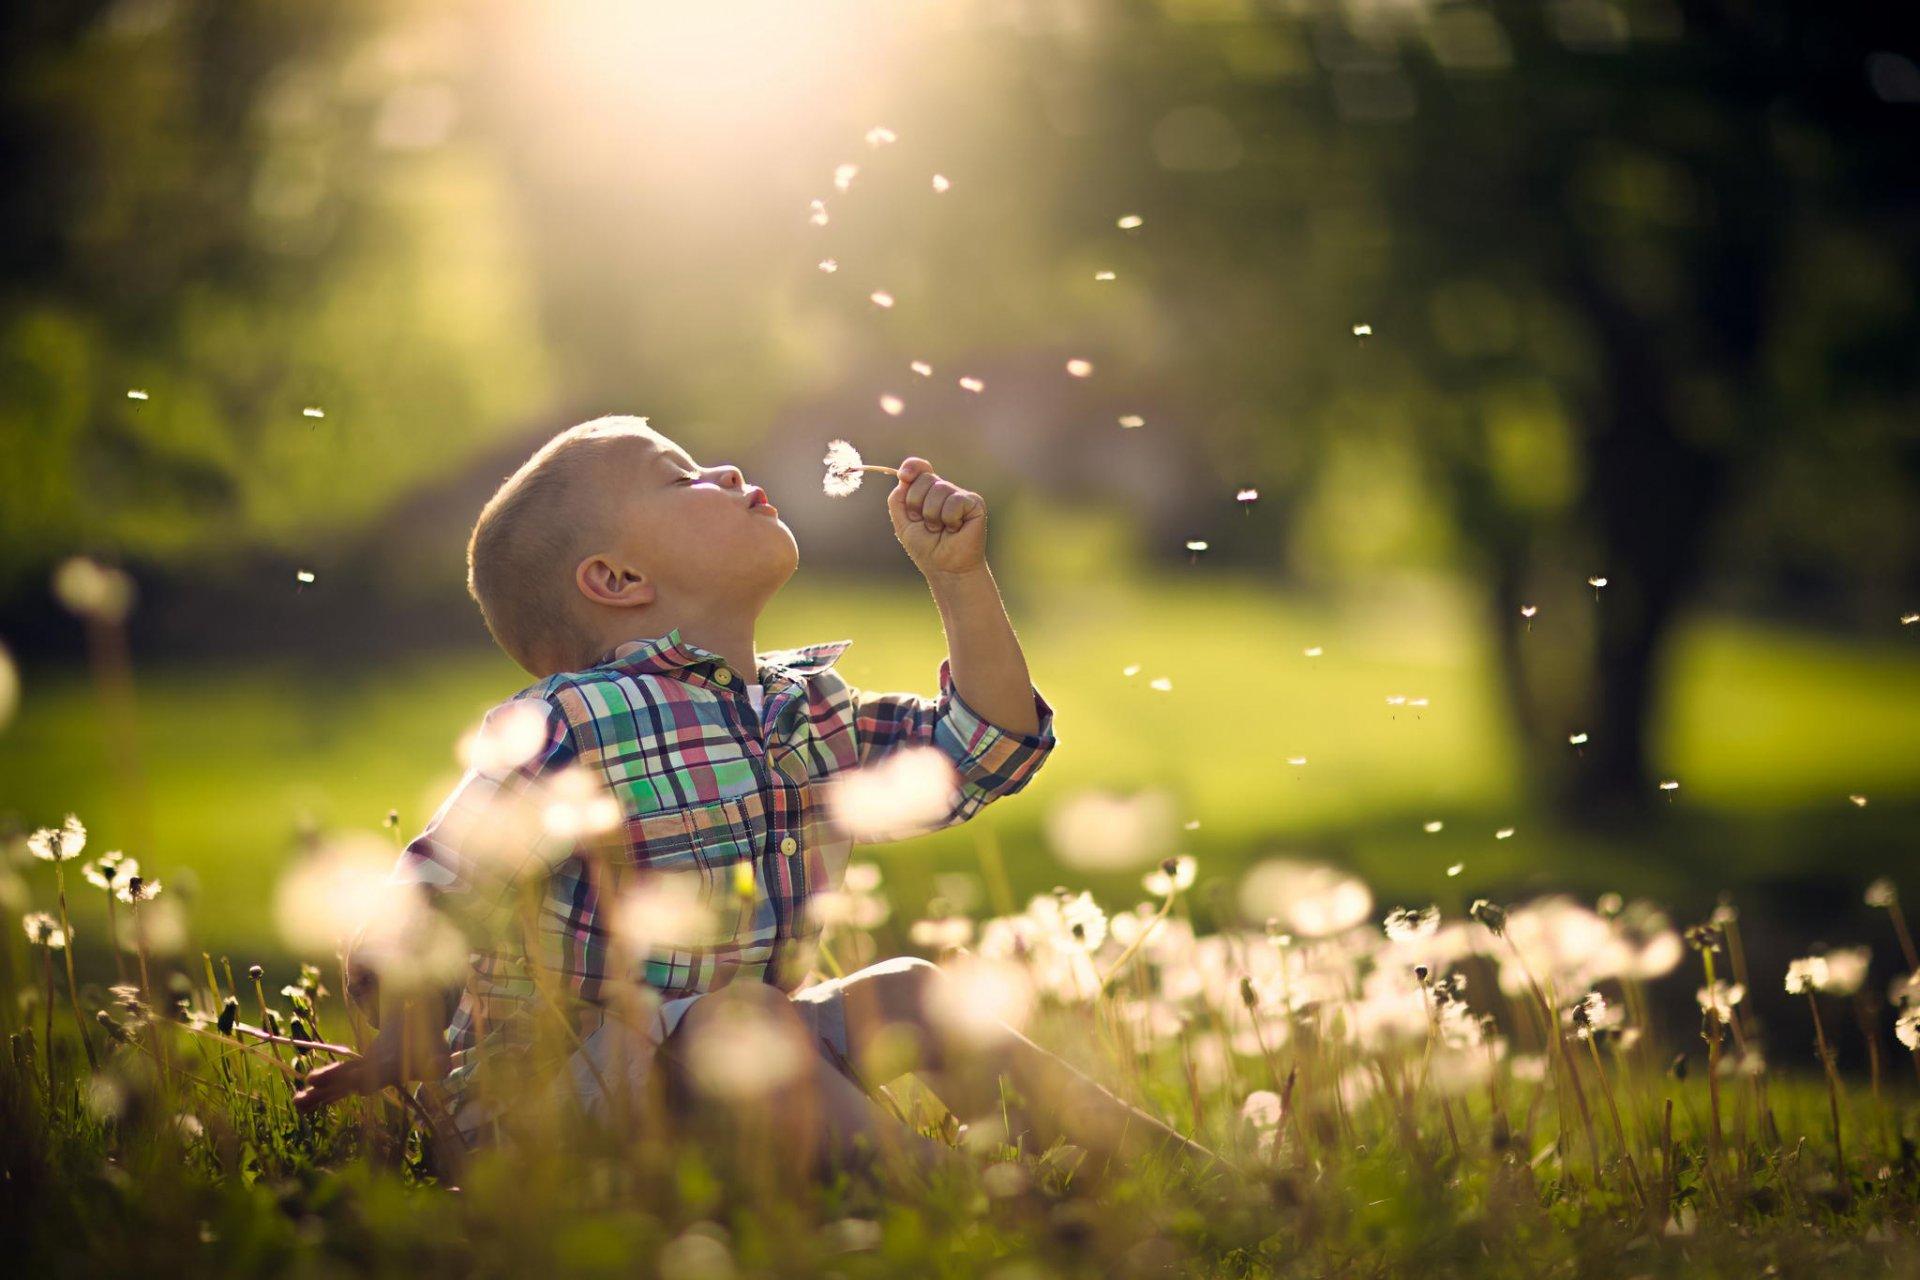 счастье маленькое и большое картинки стартап небольшом